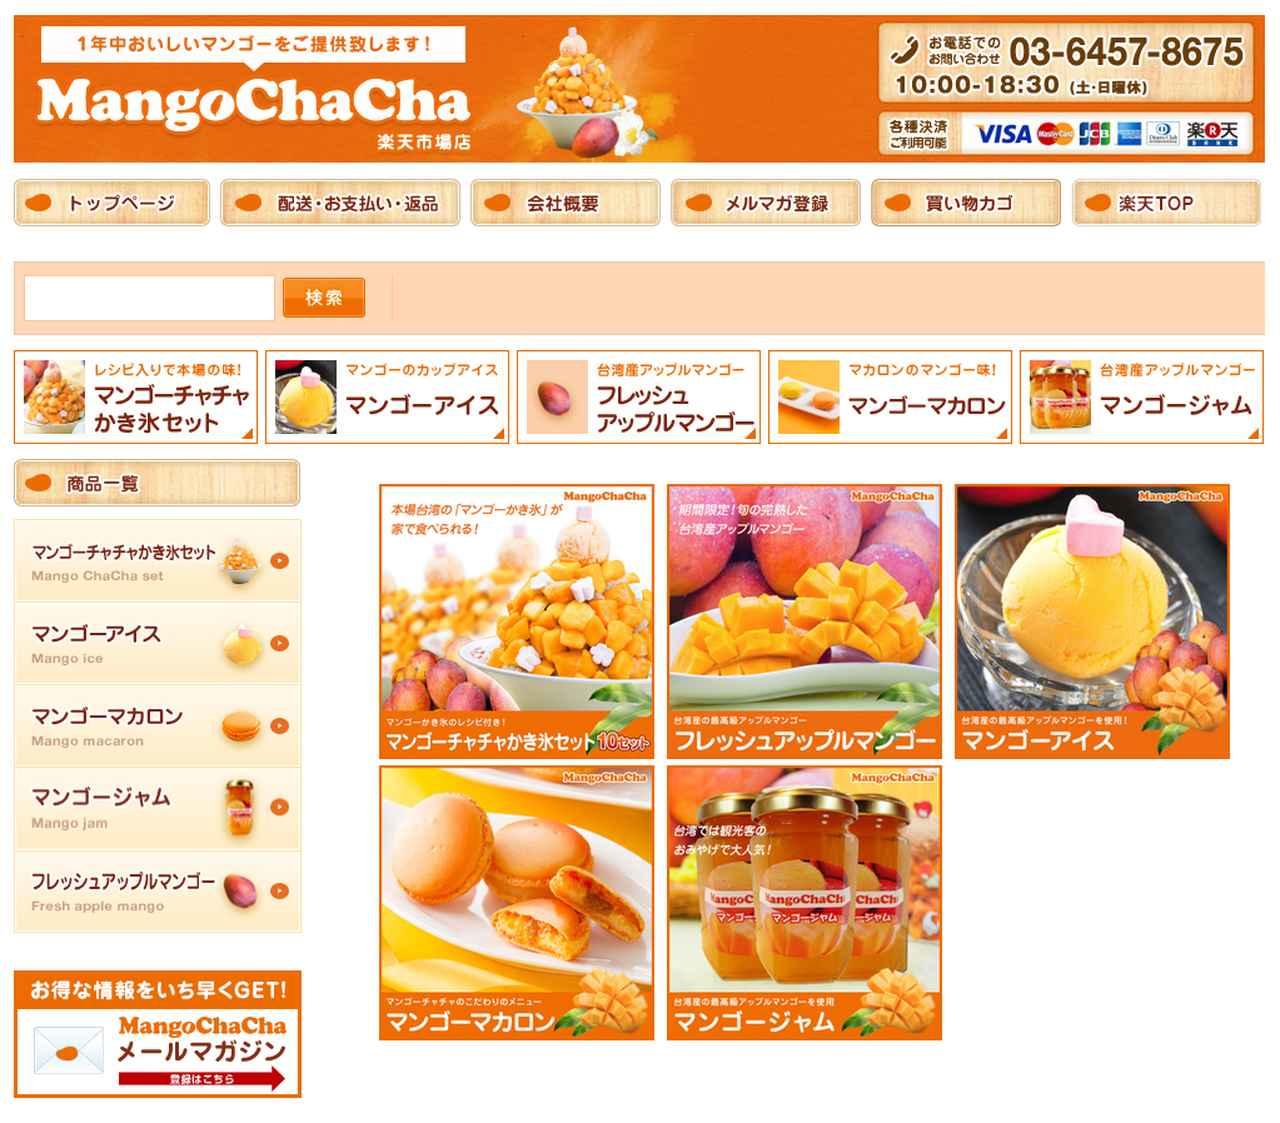 画像: mango chacha   mango chacha japan